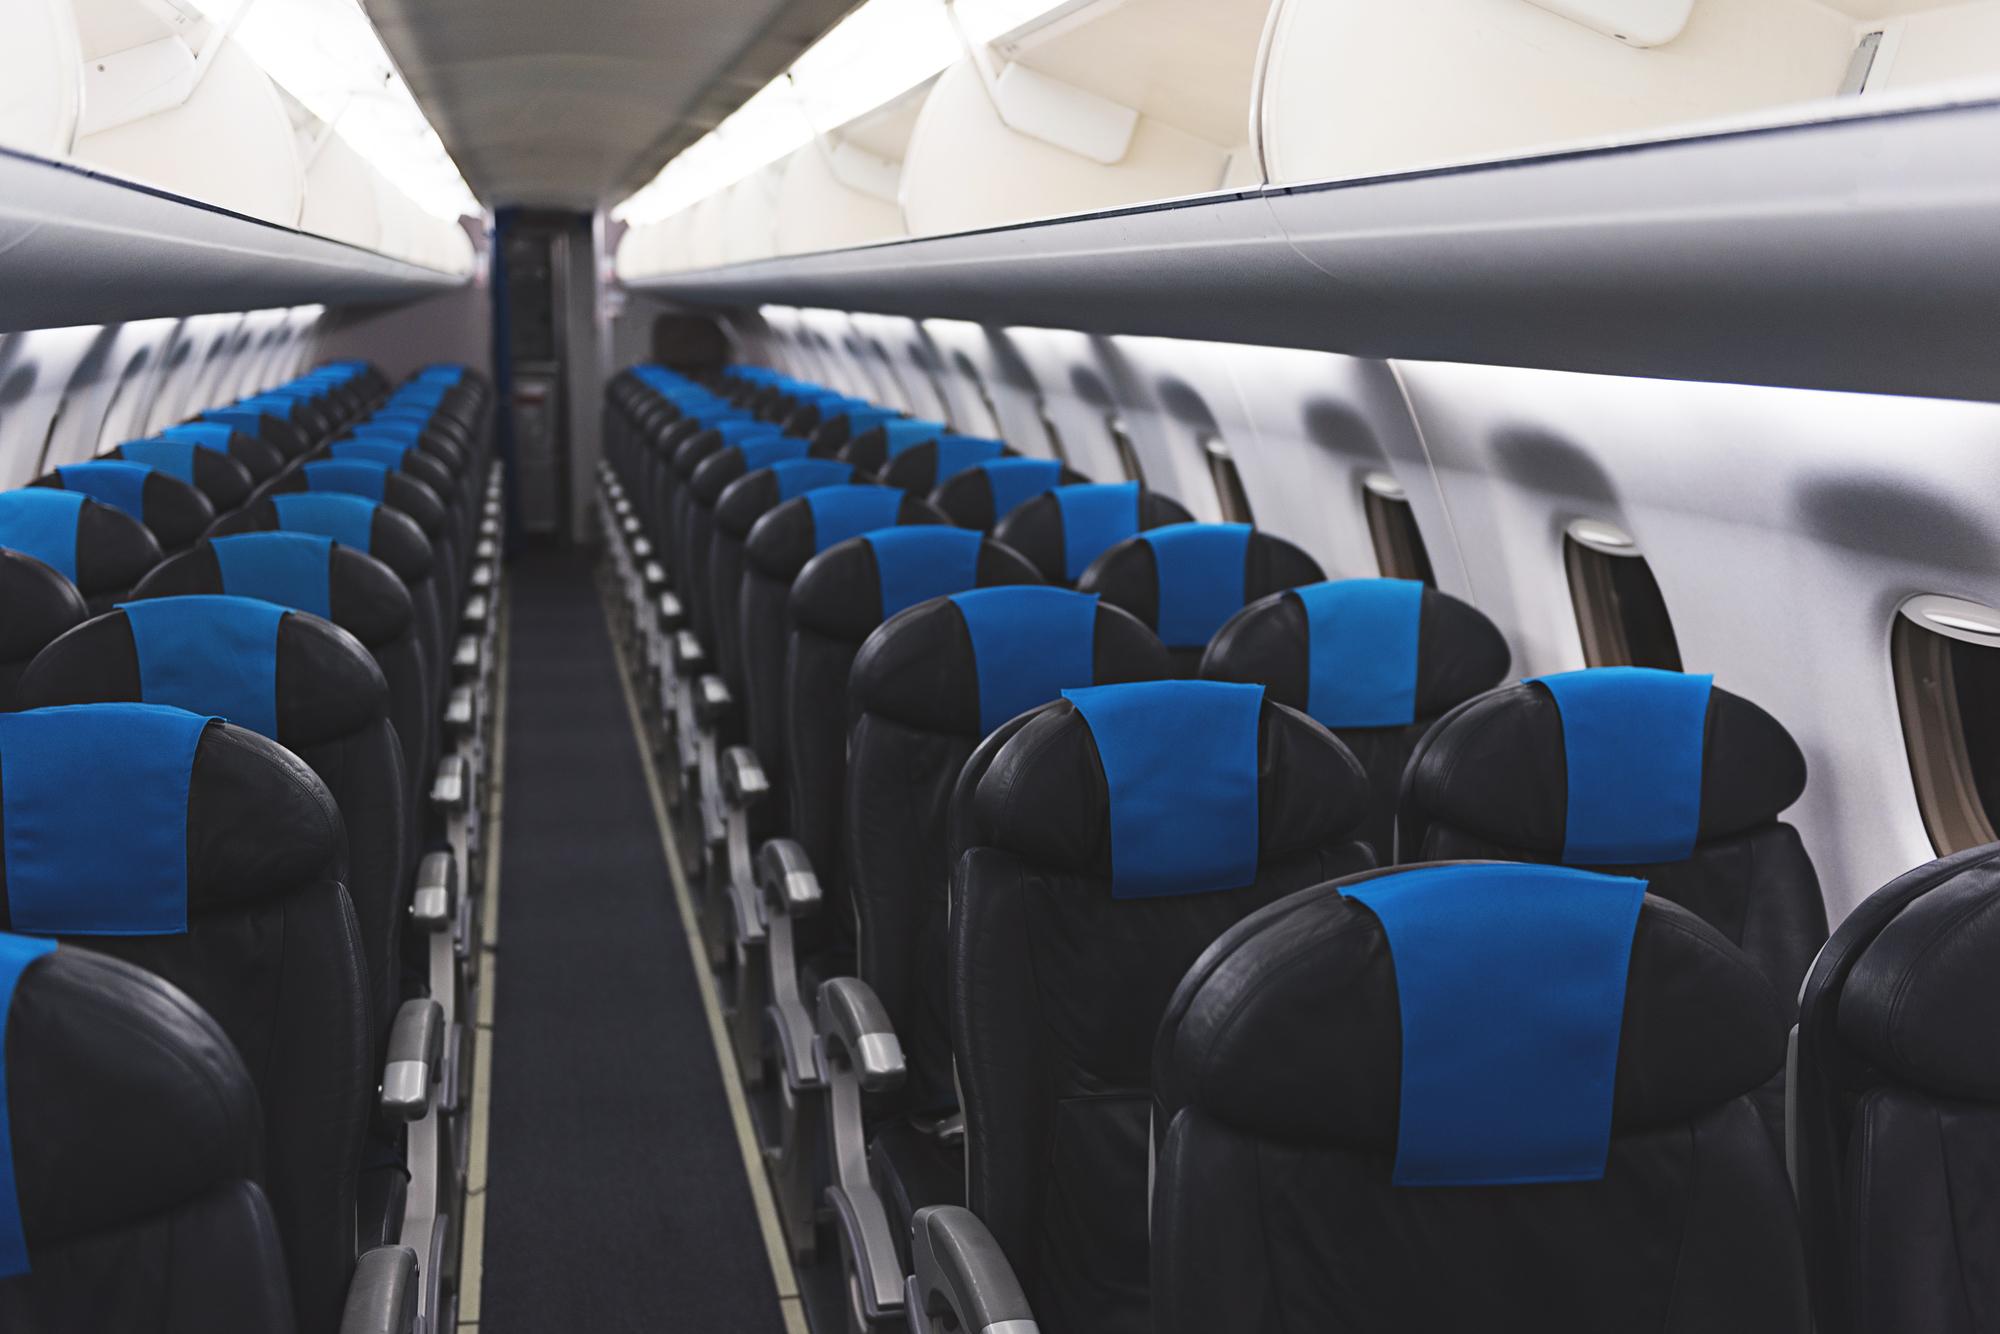 飛行機の座席はクラスによってこんなに違う | エアトリ ...